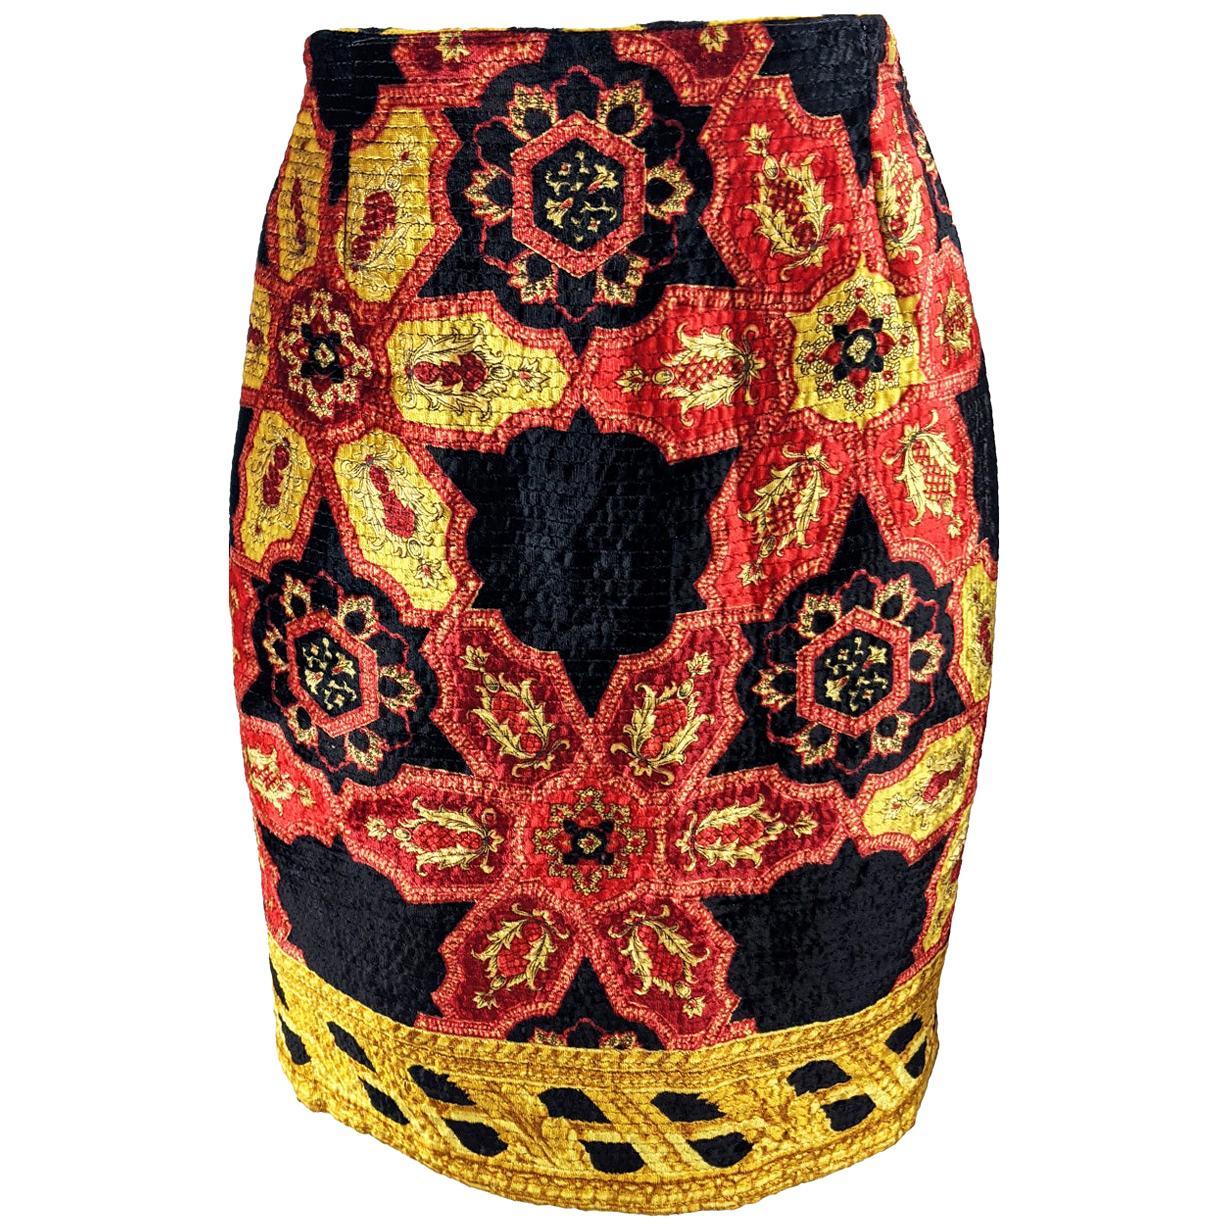 Gianfranco Ferre Vintage Velvet Printed Skirt